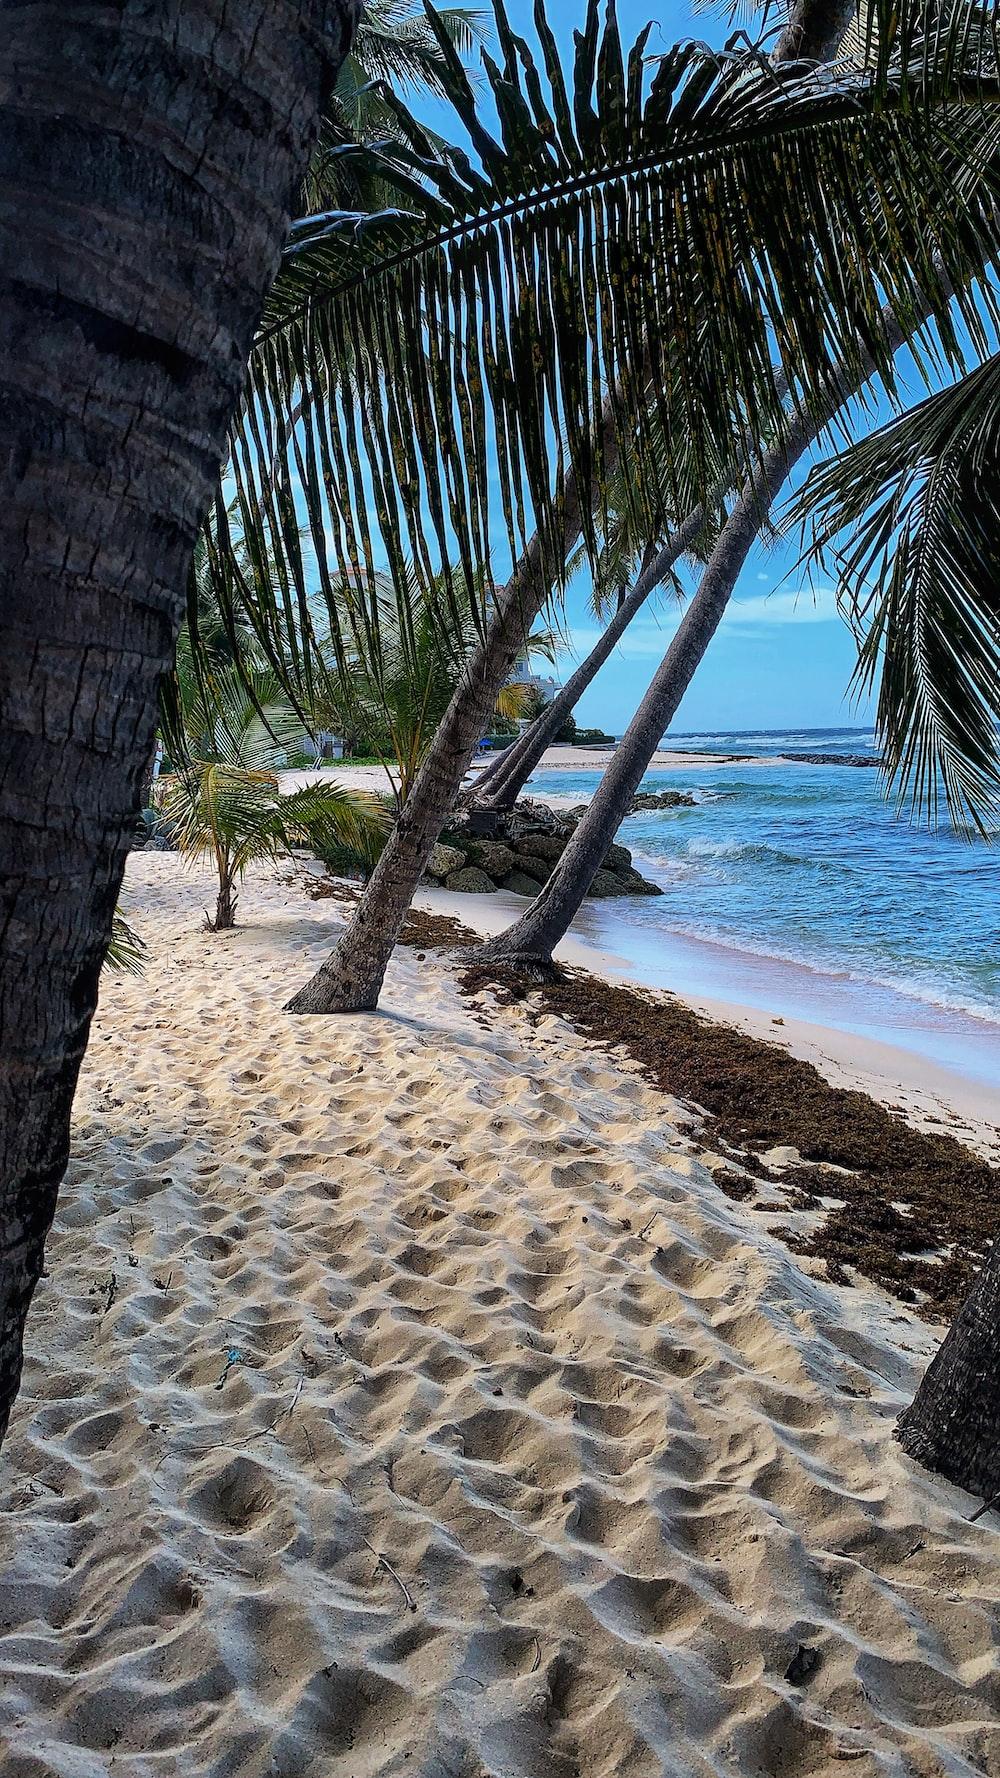 playa yelapa puerto vallarta jalisco mexico